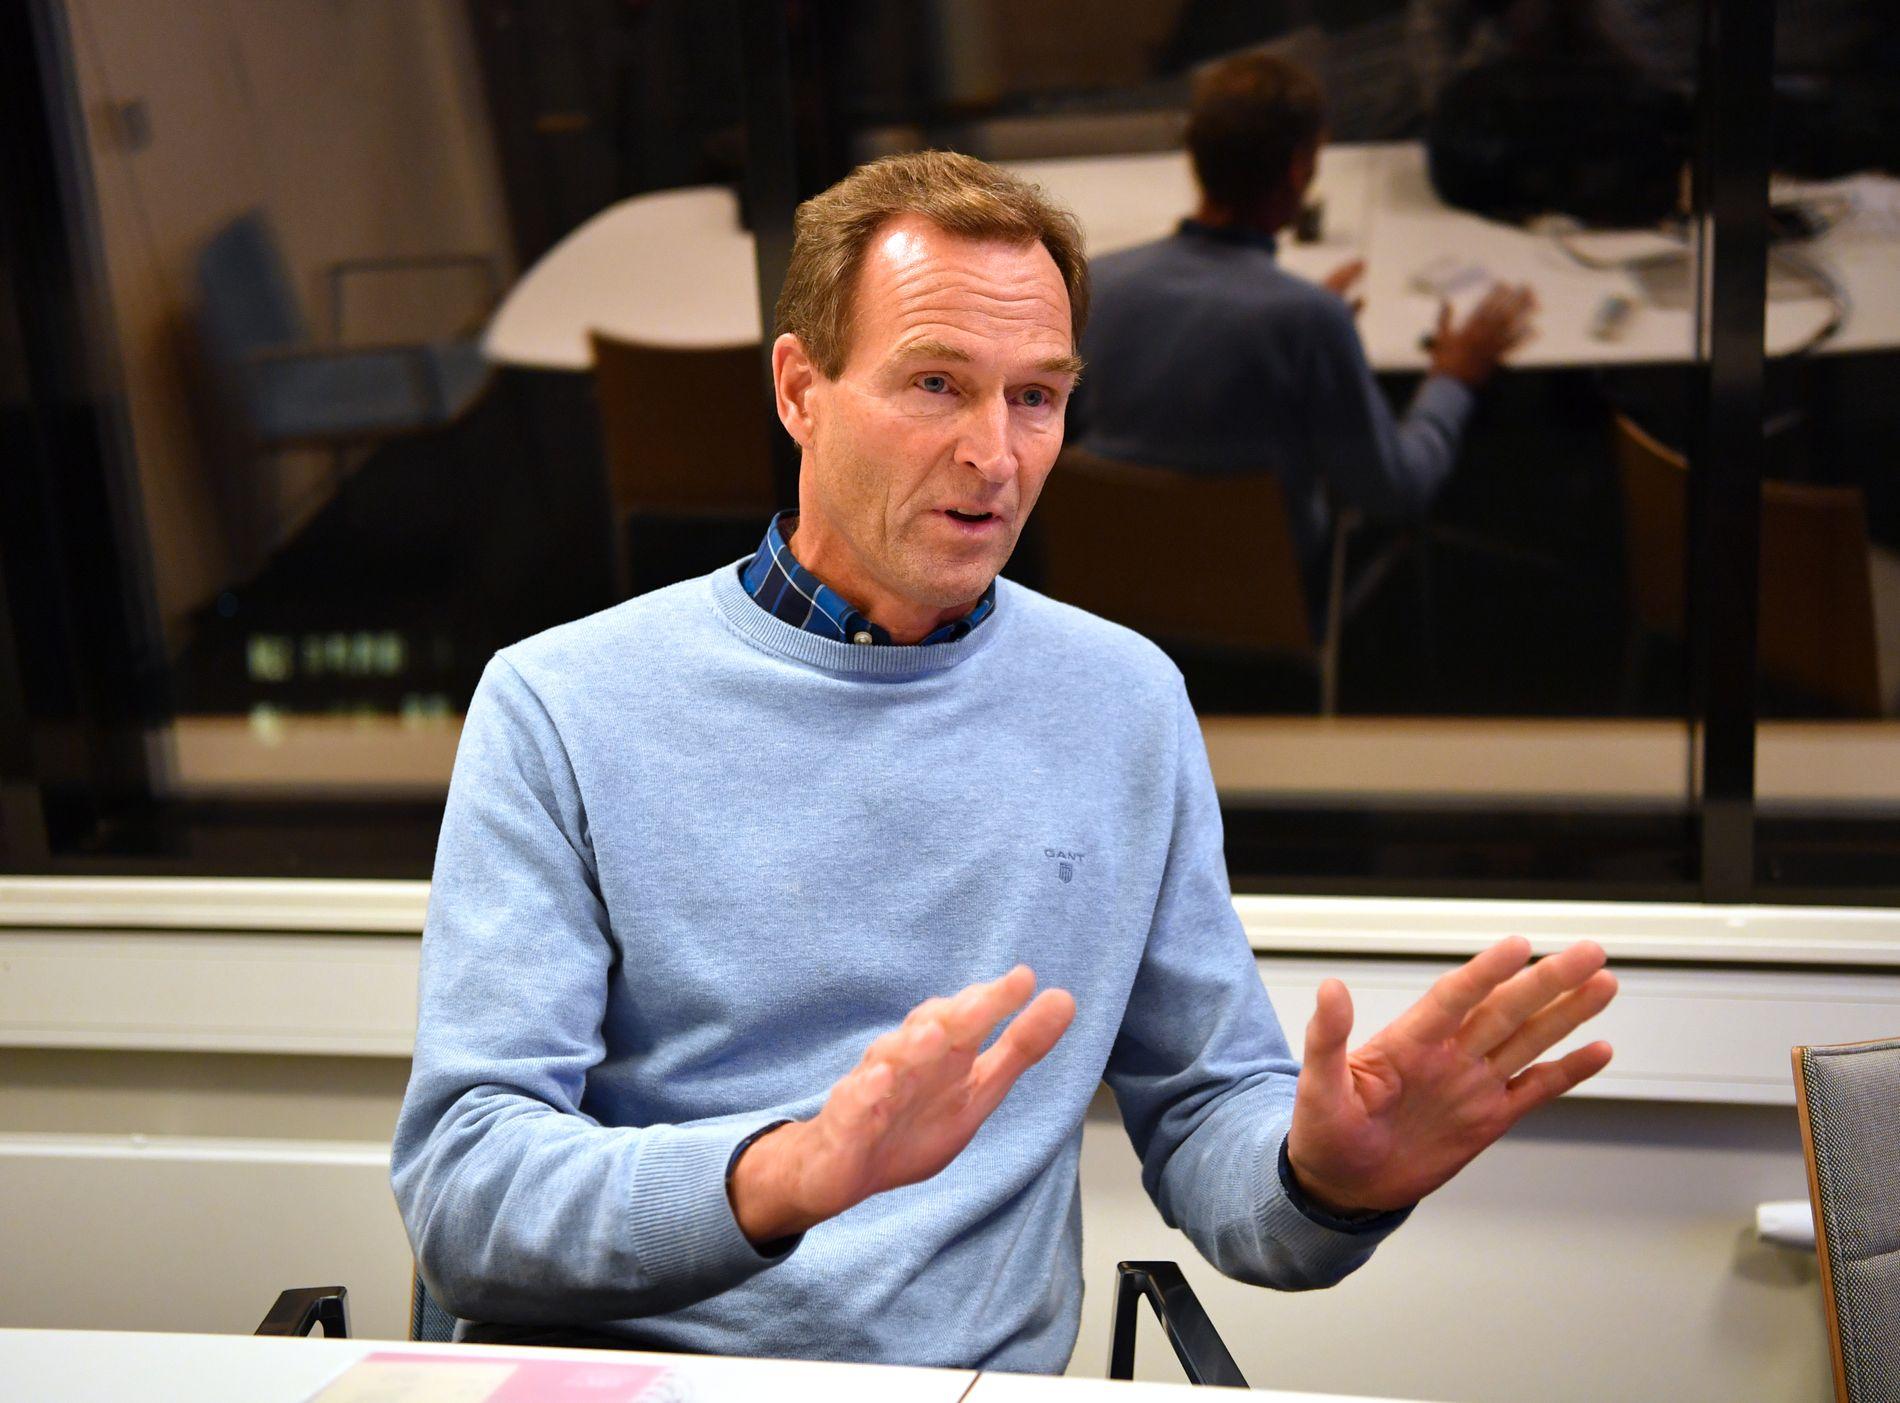 Generalsekretær Stein Opsal på et pressetreff i 2016, der han snakket om Therese Johaugs dopingsak. Advokatutgiftene fra den saken er en av flere ting som bidro til skiforbundets underskudd i 2017.